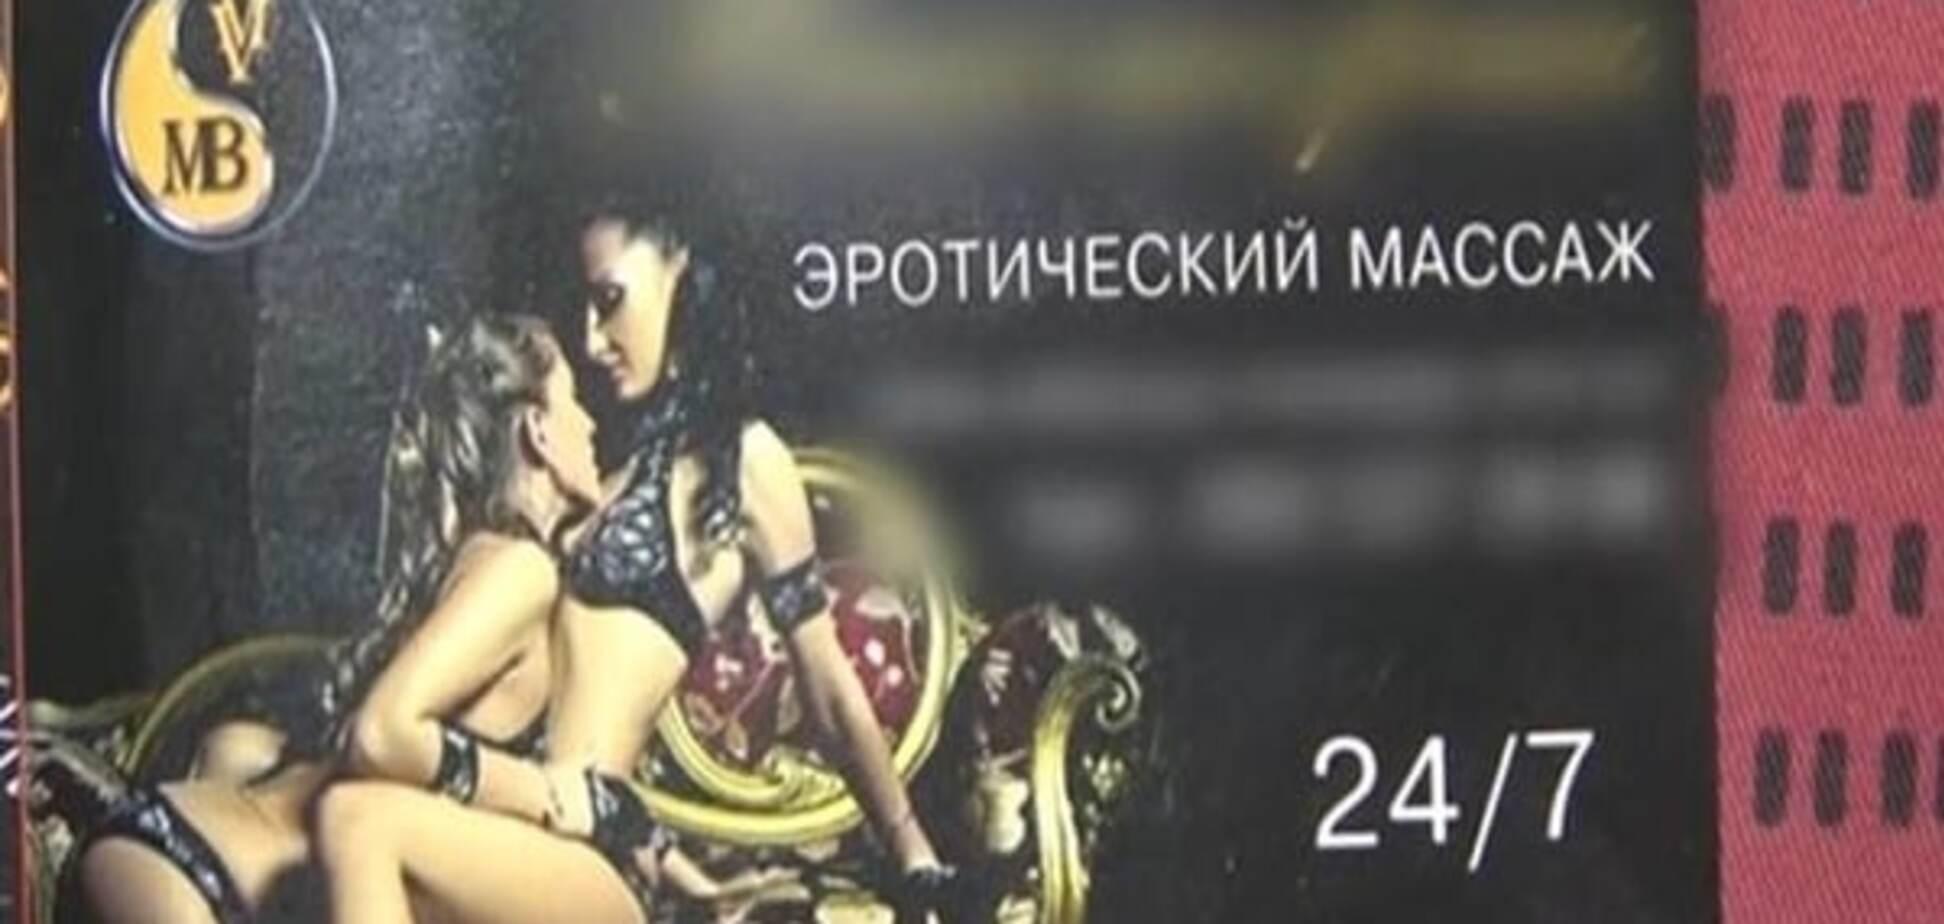 У Києві викрили масажний салон із повіями